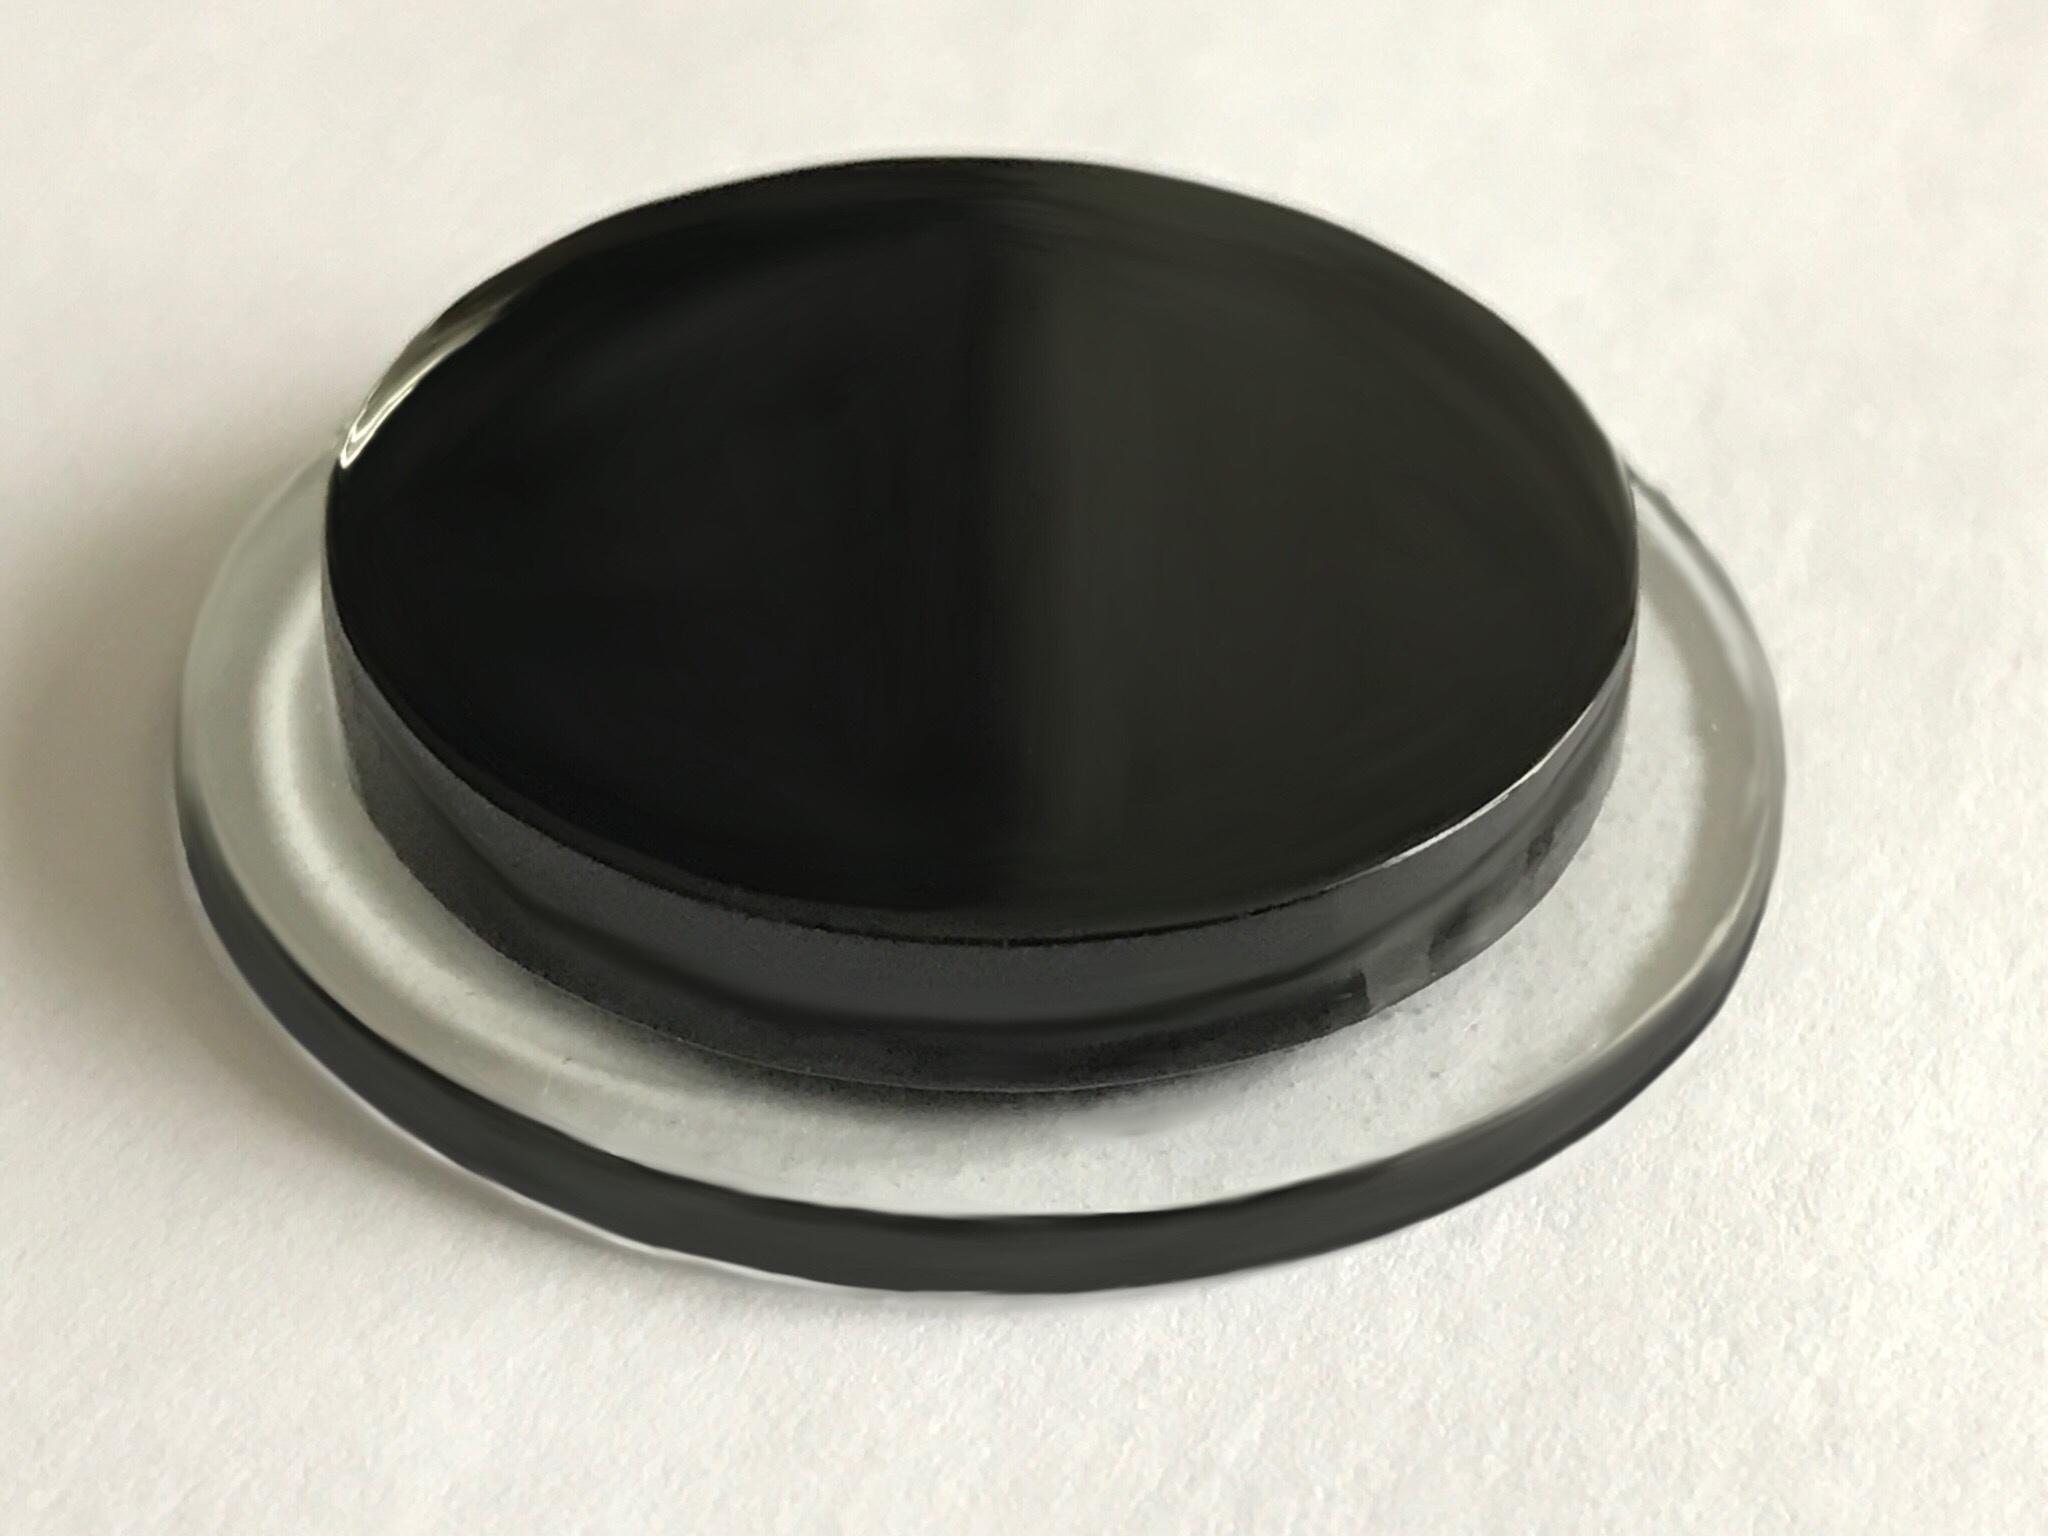 Business & Industrie Sonstige Branchen & Produkte Heckwischerabdeckung Glasstopfen Blindstopfen ECHT GLAS Clean VW Tuareg